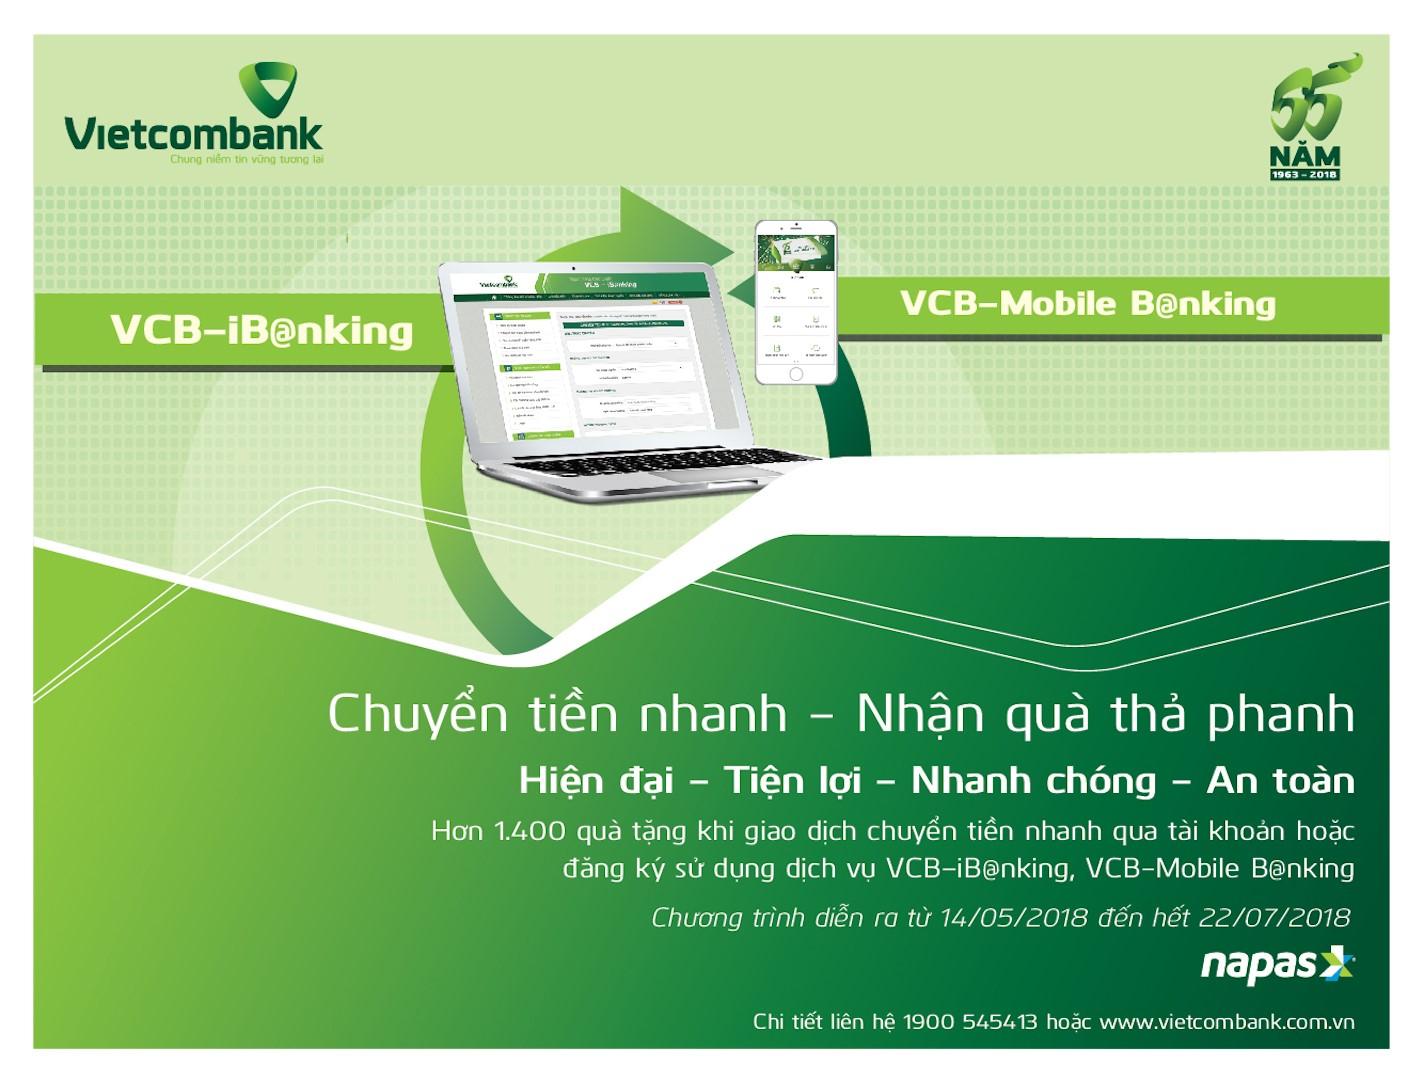 Giao dịch thuận tiện hơn với Vietcombank Internet Banking